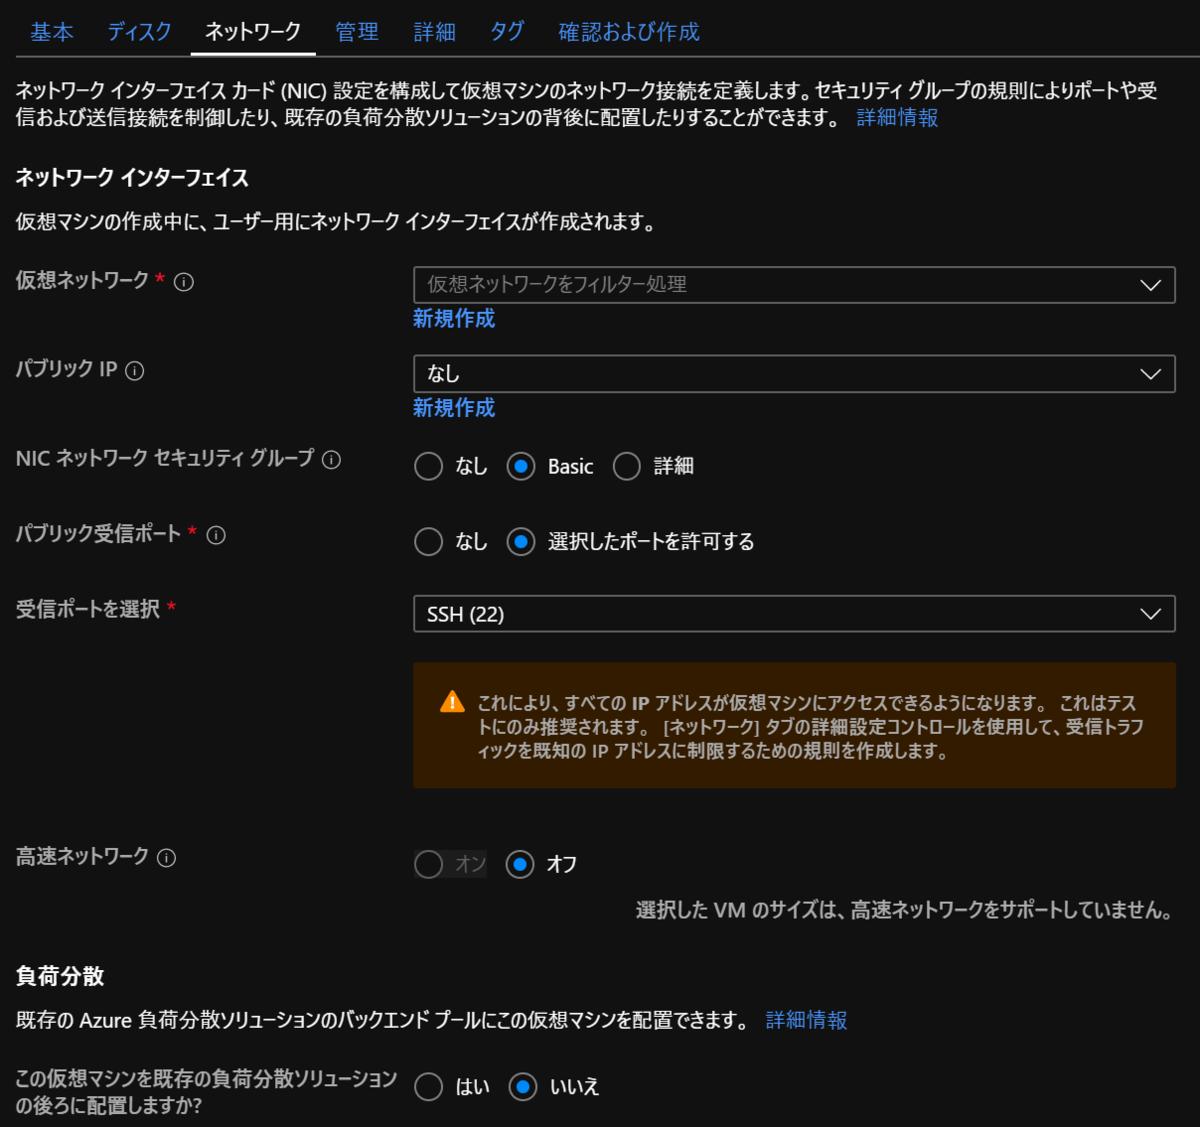 f:id:shizuuuka0202:20200126225922p:plain